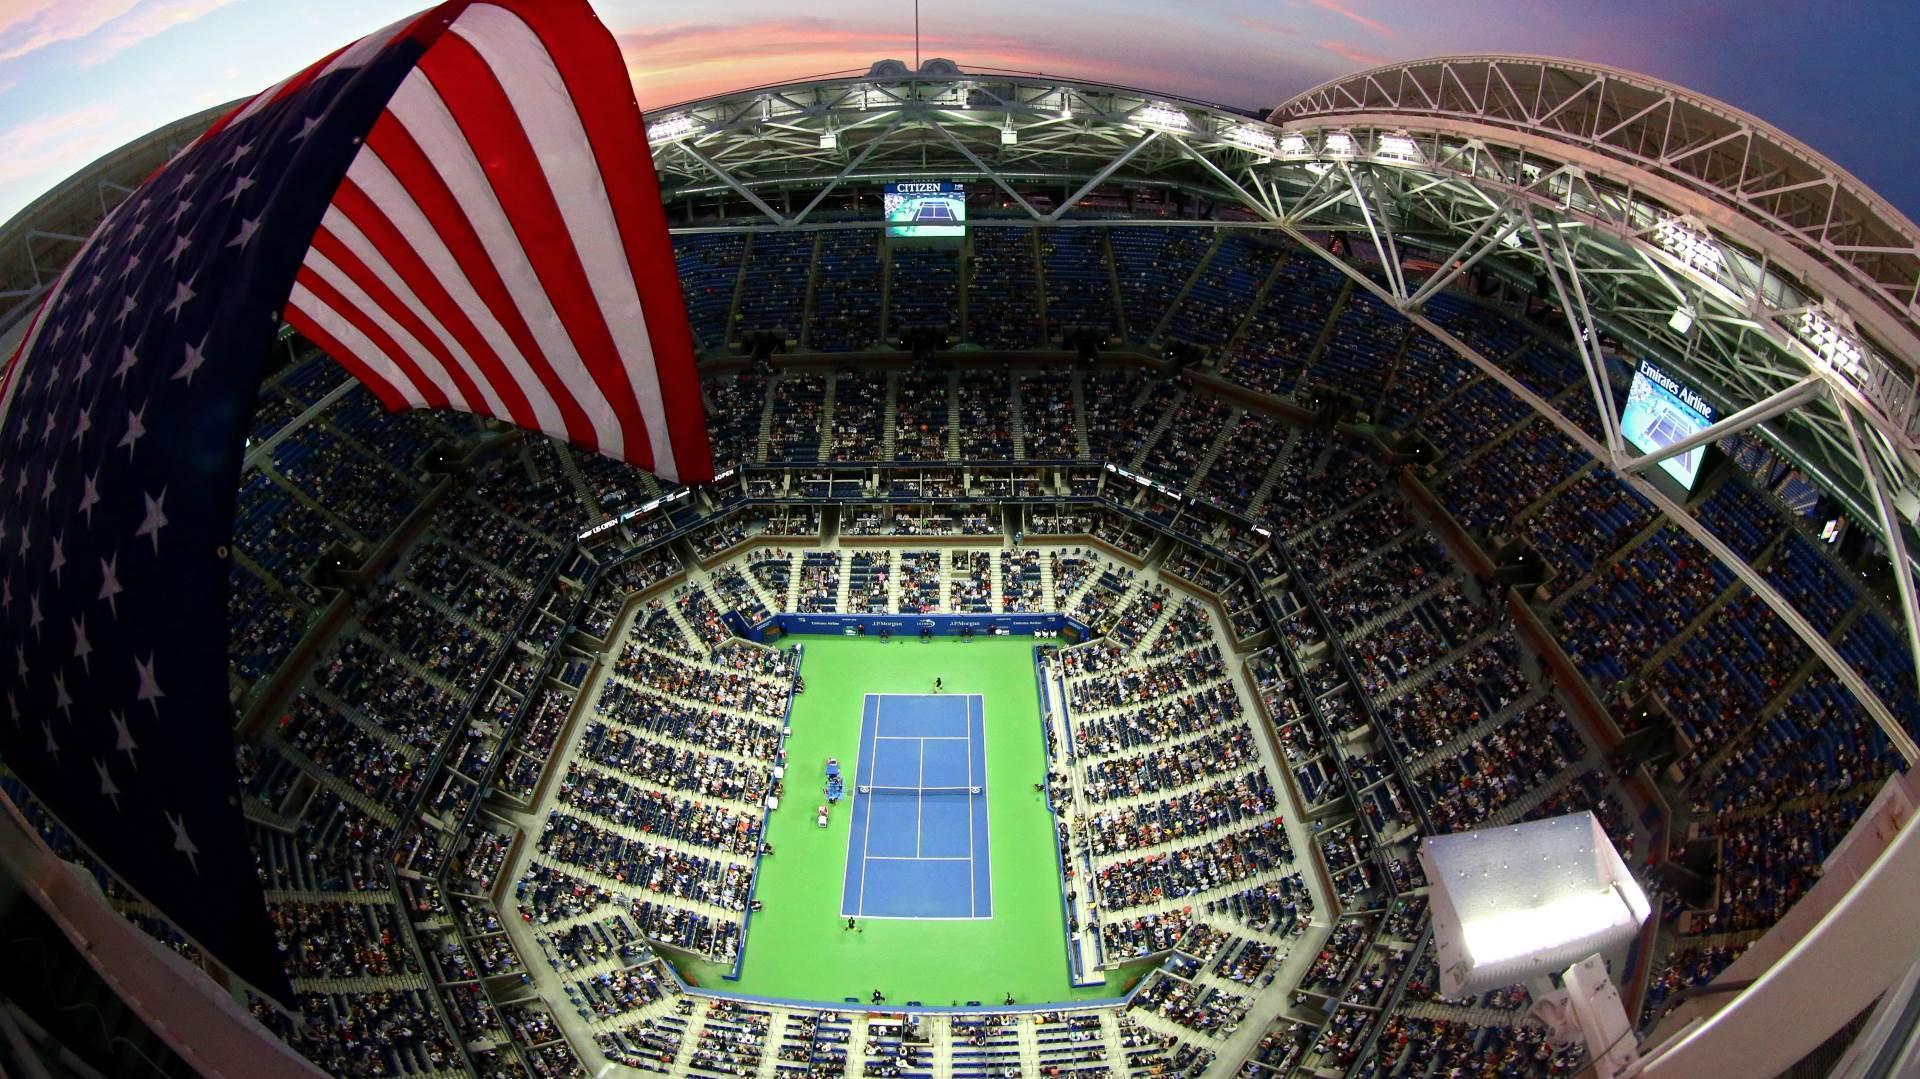 """Slika koju nećemo skoro videti - 15.000 navijača na najvećem teniskom stadionu sveta, """"Artur Ešu""""."""